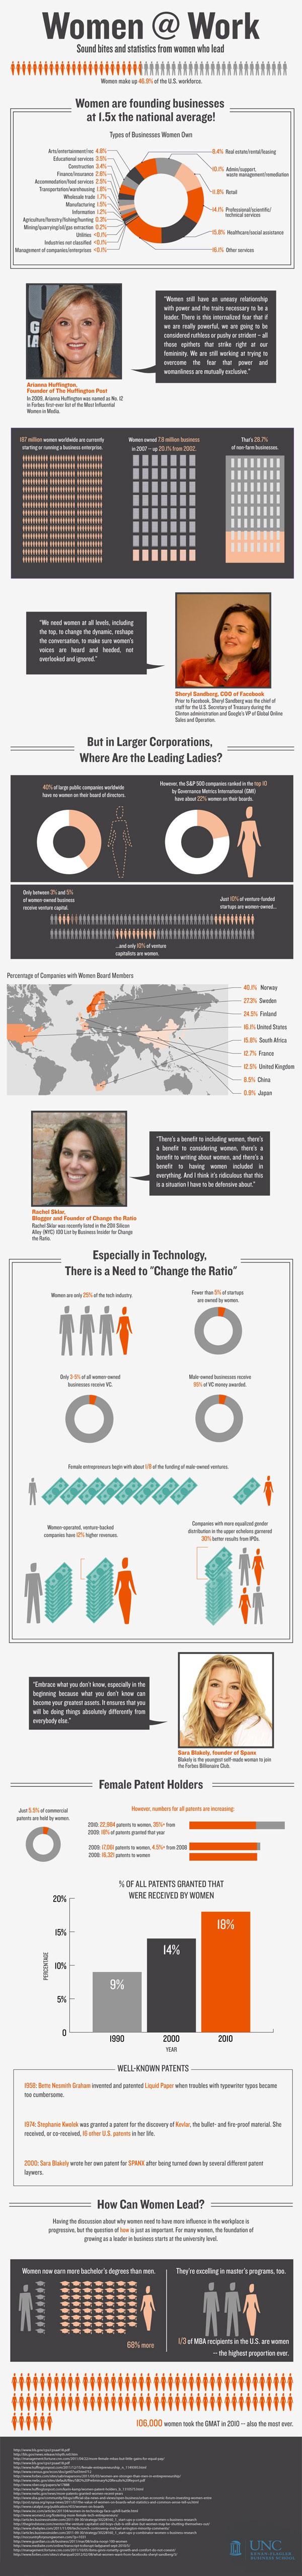 Working Women Infographic: Women @Work - ComplianceandSafety.com